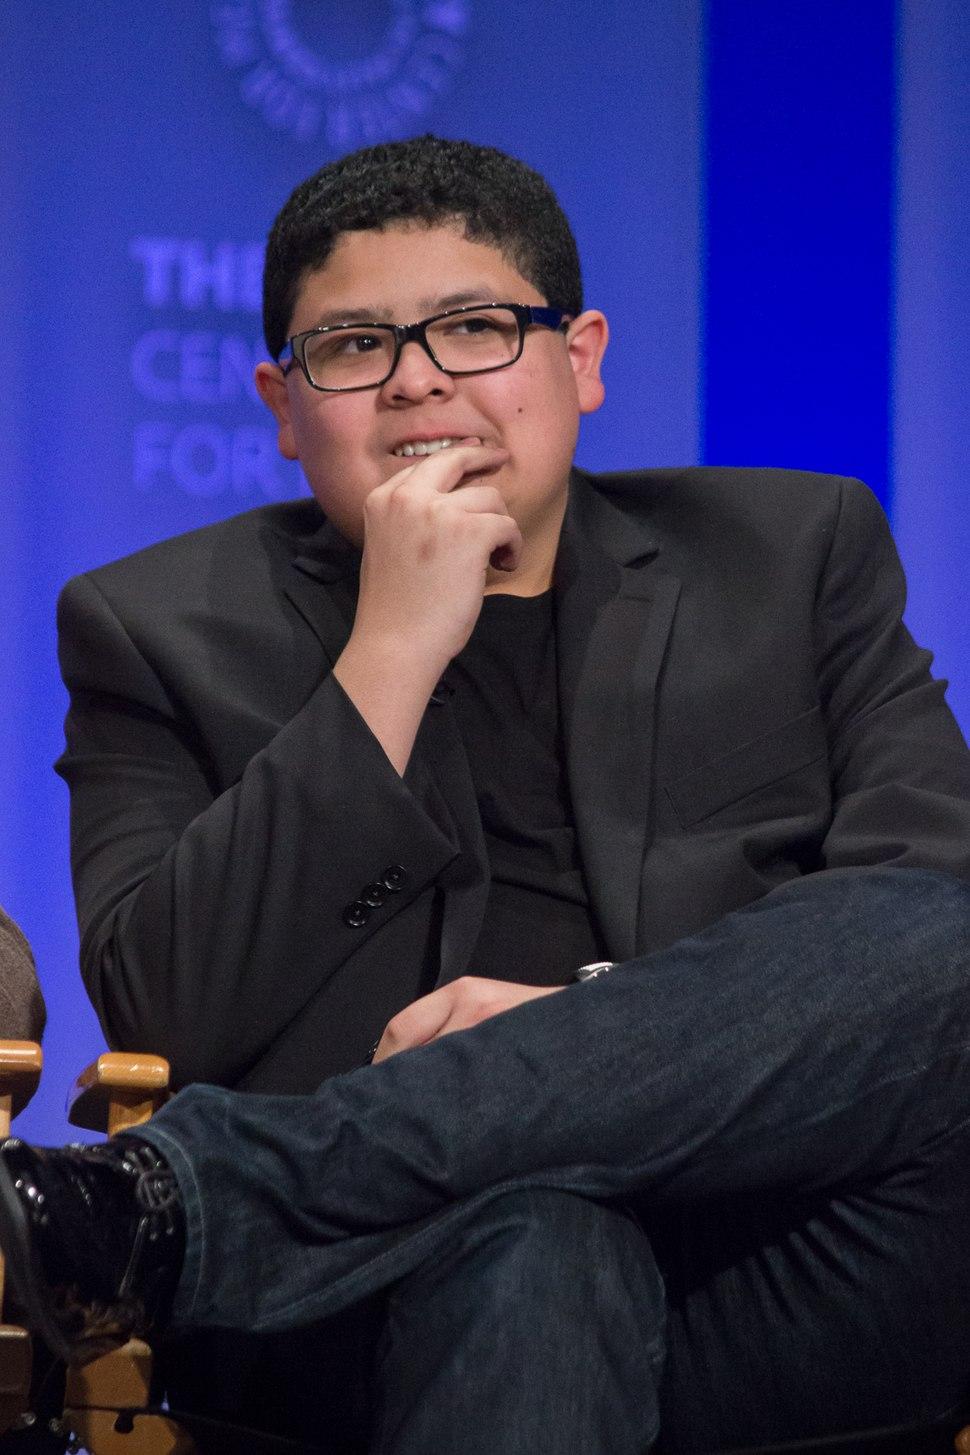 Rico Rodriguez at 2015 PaleyFest